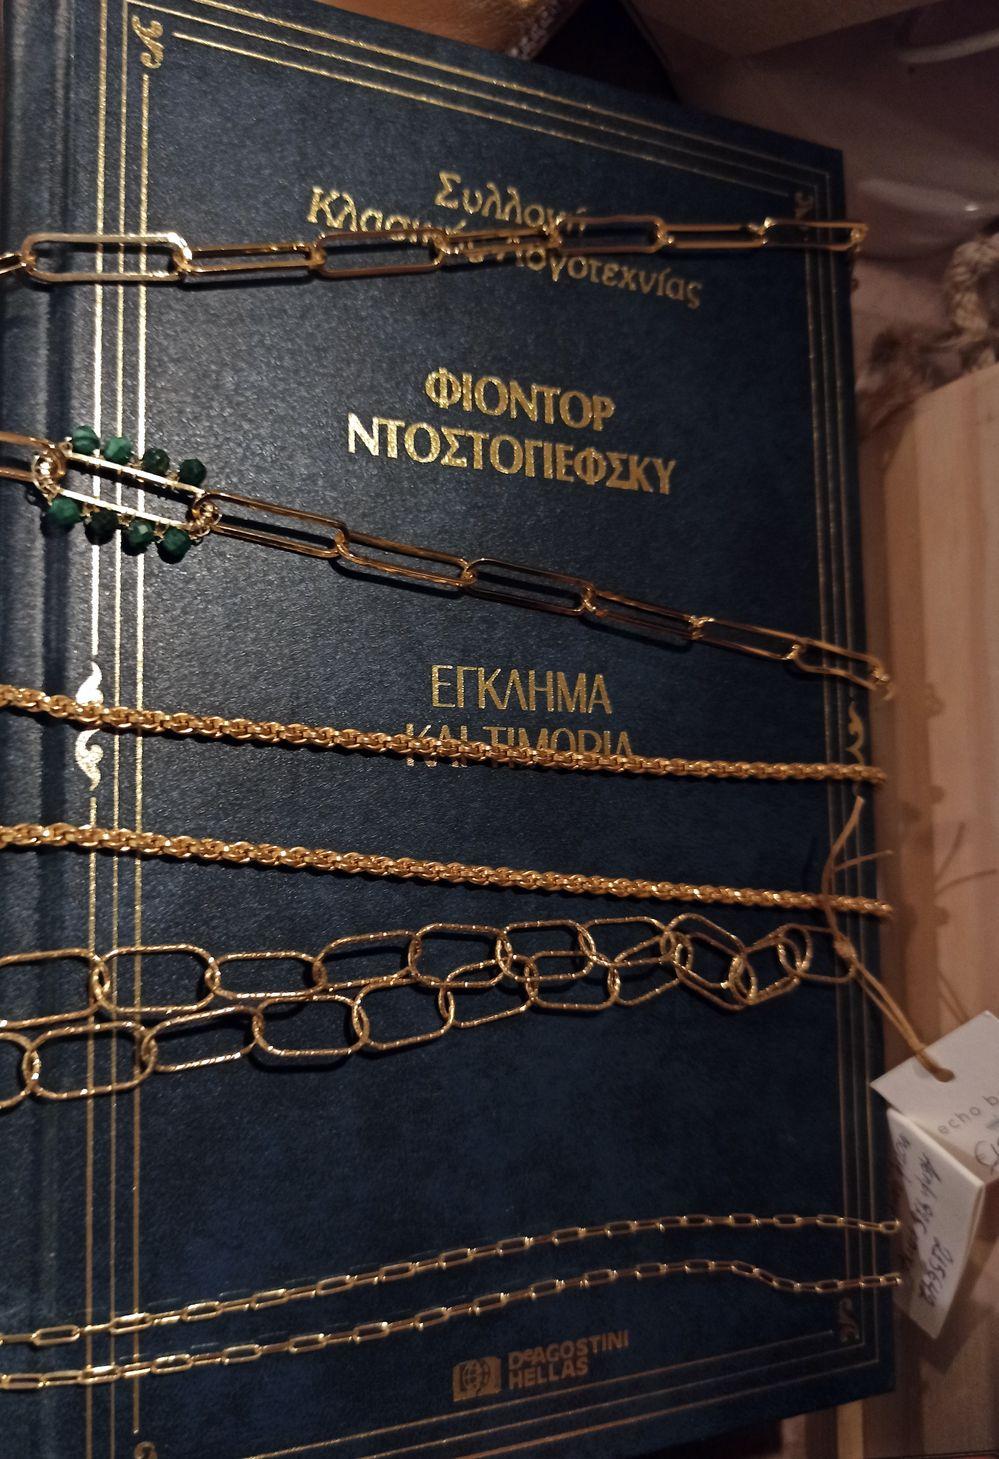 русские книги на греческом языке - федор достоевский